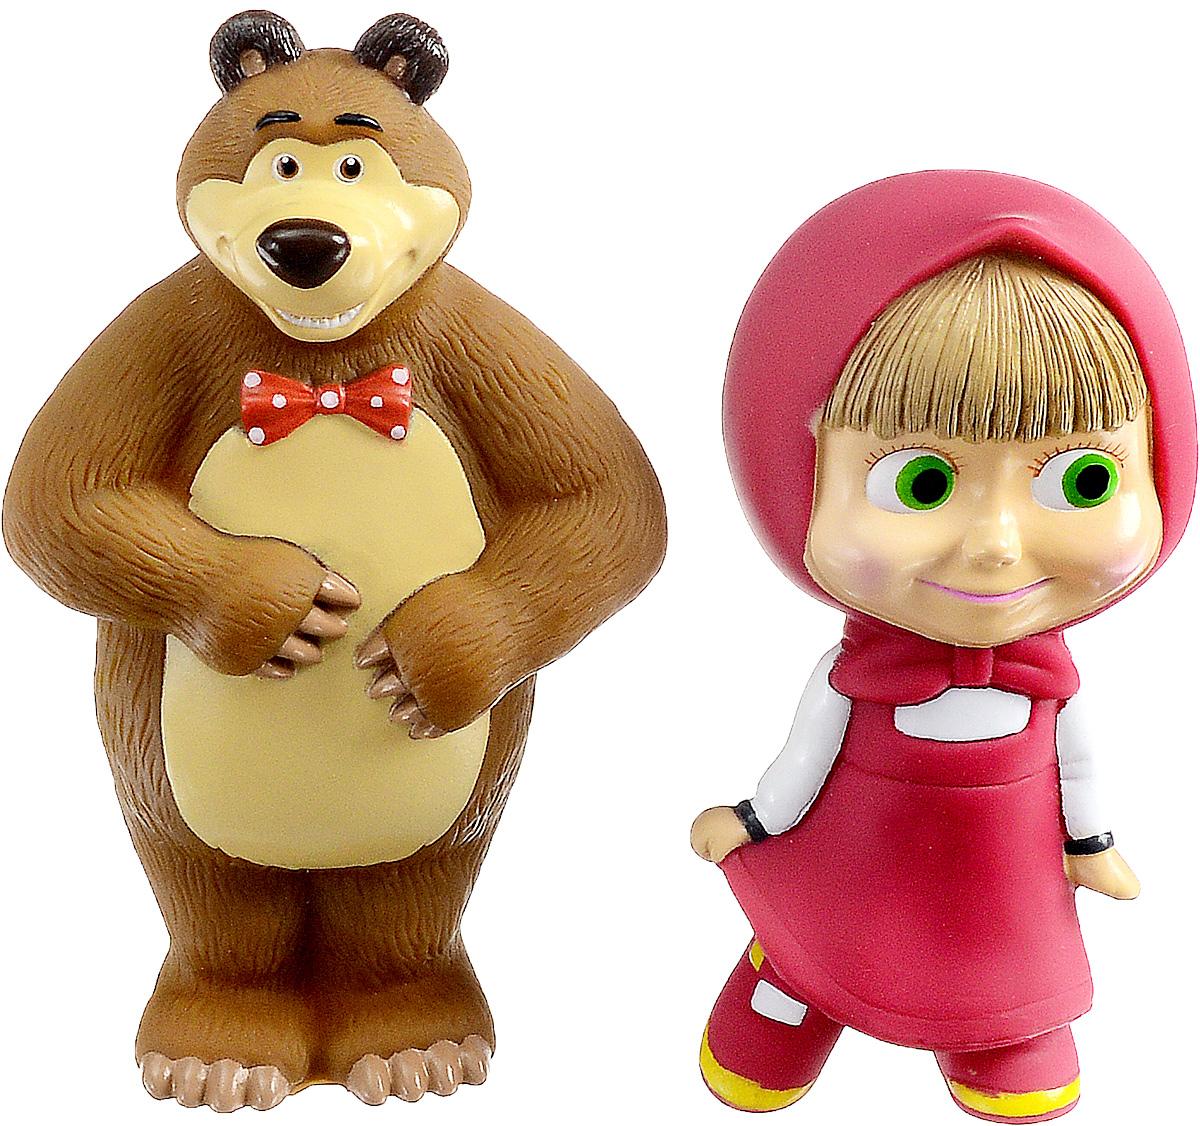 Играем вместе Набор игрушек для ванной Маша и Медведь117R-PVCНабор игрушек для ванной Играем вместе Маша и Медведь превратит купание вашего малыша в интересную и веселую игру. Игрушки выполнены с большой аккуратностью, тщательностью, ярко окрашены и полностью повторяют внешность героев известного мультфильма. Изготовлены из безопасных материалов. С таким набором вместе с вашим ребенком вы сможете придумать бессчетное количество веселых игр и историй. При сжатии игрушки забавно пищат.